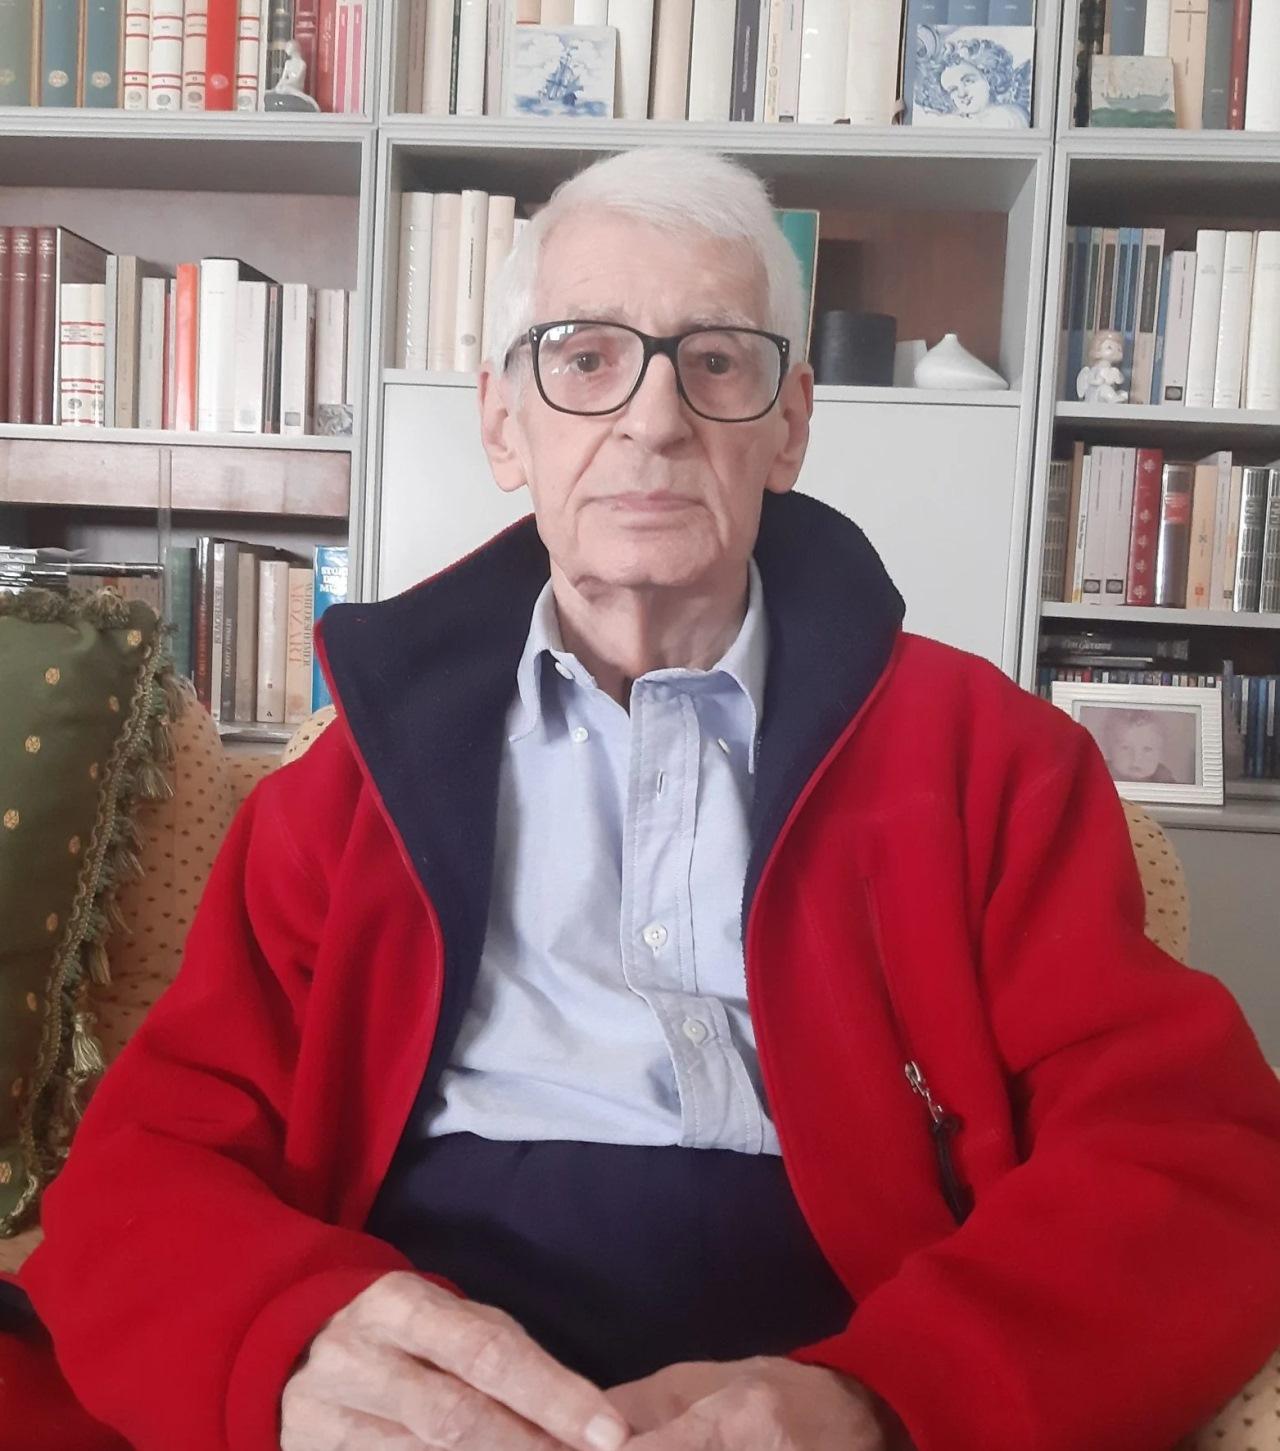 nino milazzo giornalista morto 91 anni